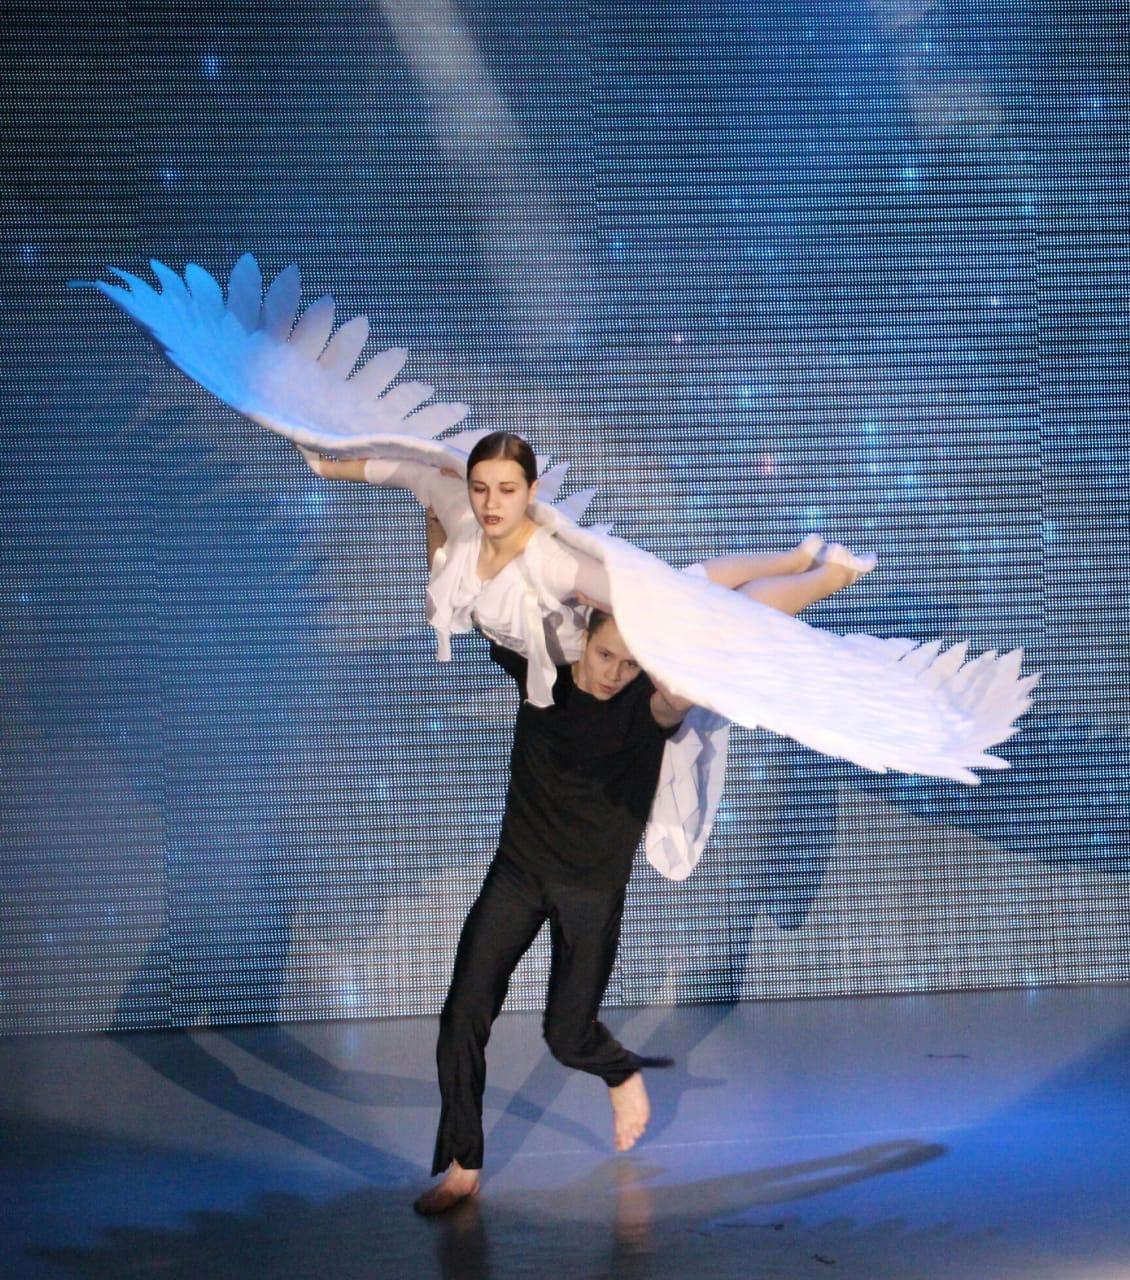 В Заполярном театре драмы пройдет танцевальная шоу-программа #ЛюбовьСуществует